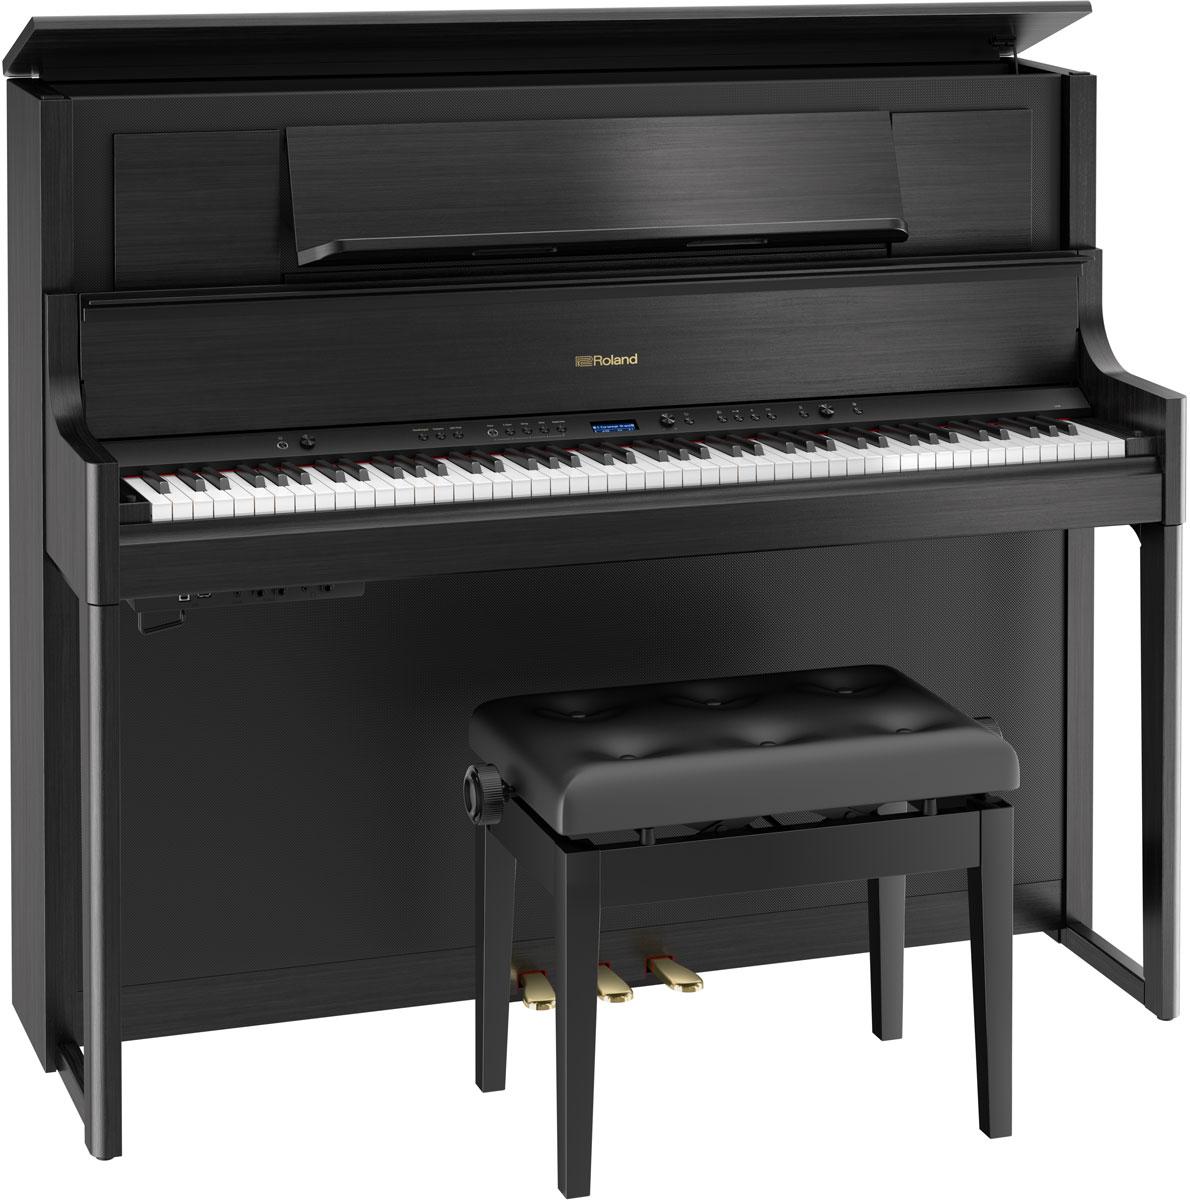 Roland Digital Piano Glasgow : roland lx708 digital piano ~ Russianpoet.info Haus und Dekorationen